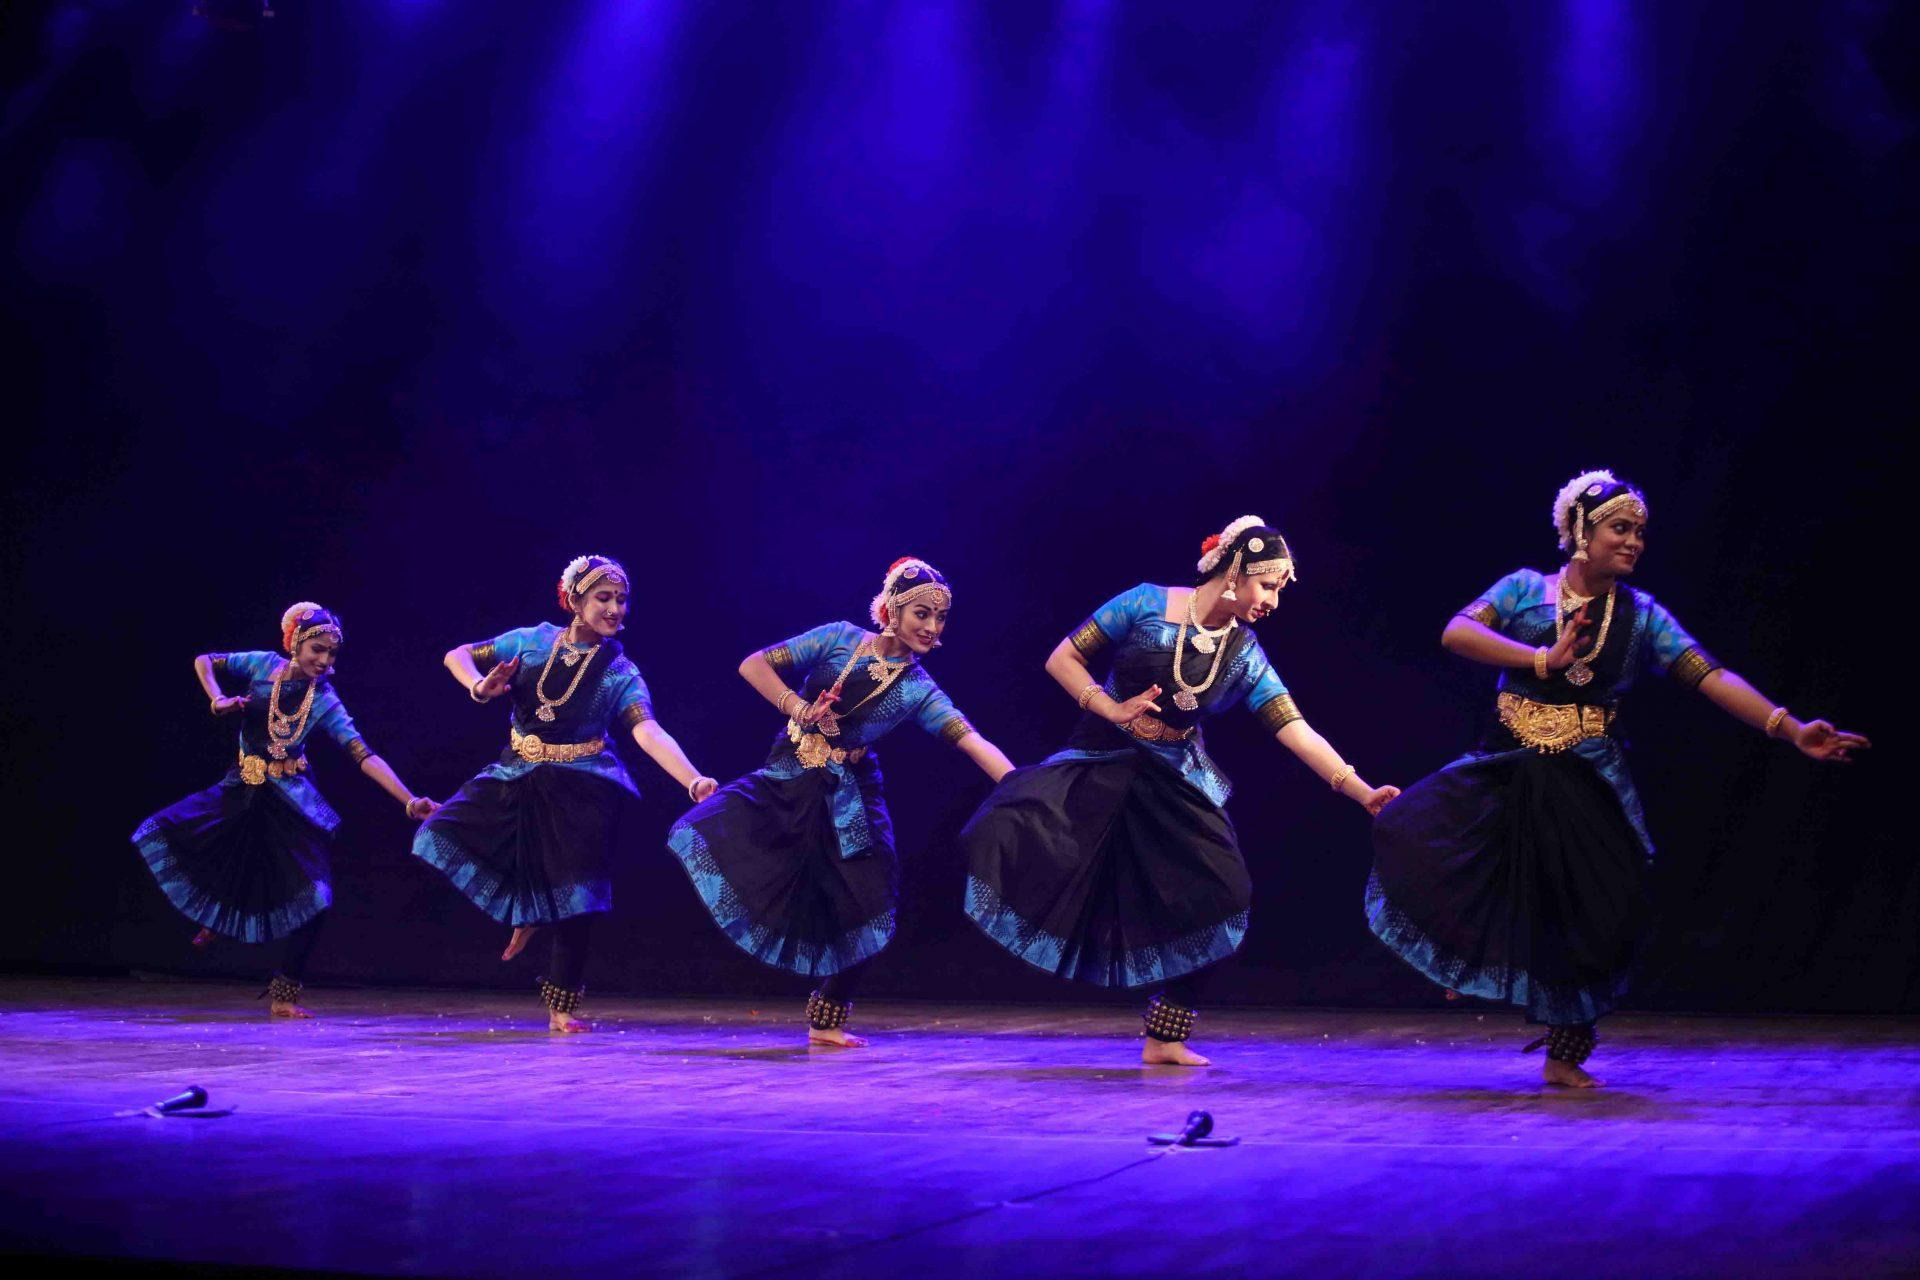 शनिवारवाडा नृत्य महोत्सव 16 फेब्रुवारी रोजी